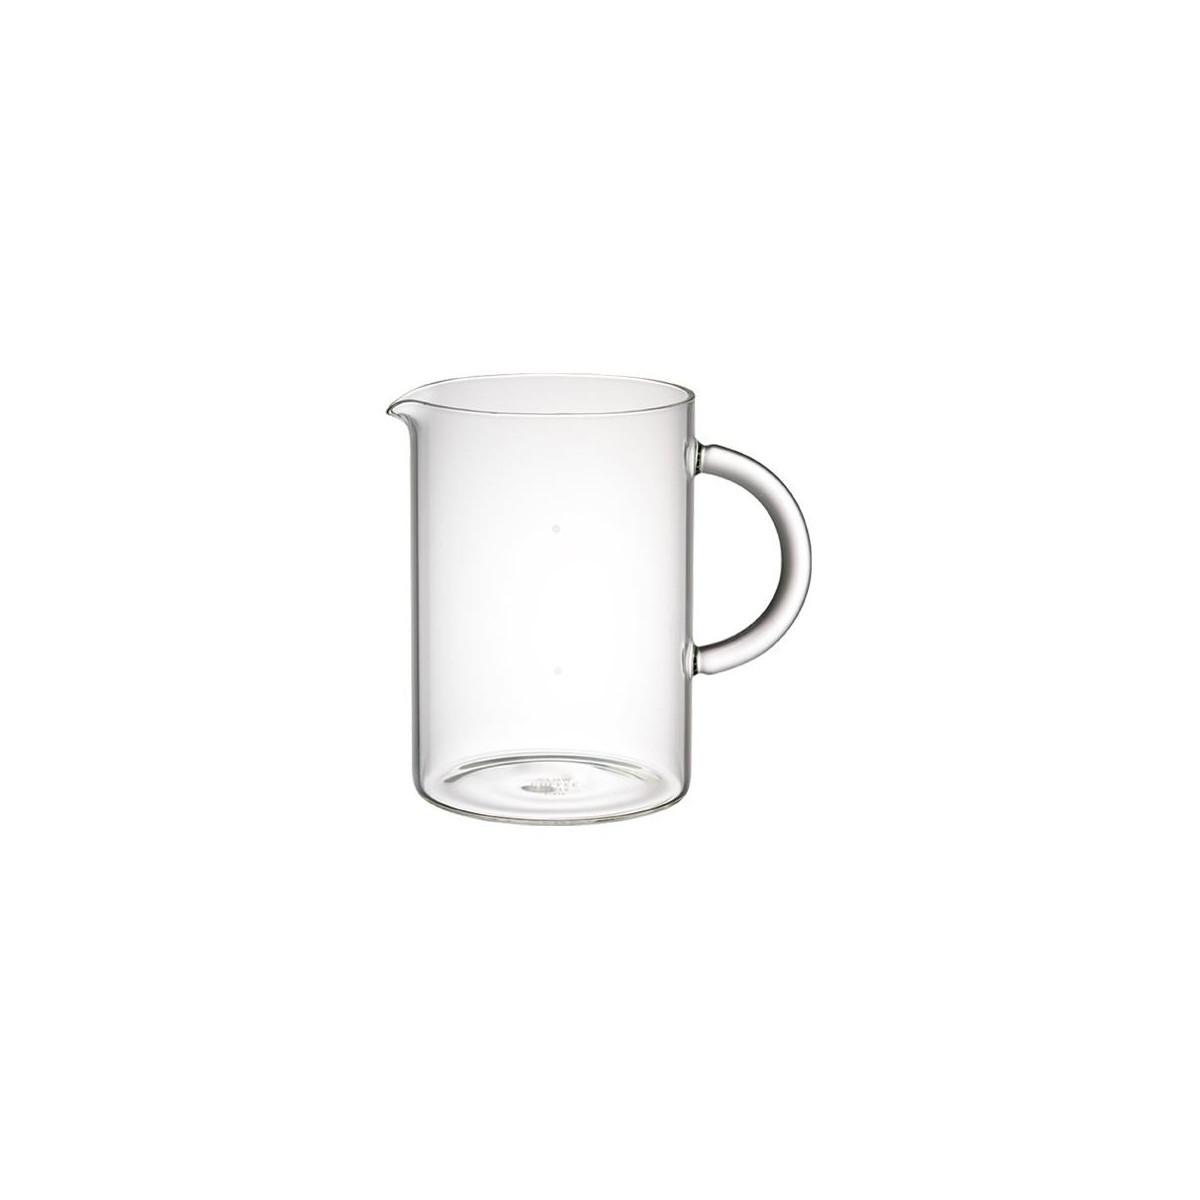 Żaroodporny dzbanek do kawy coffee jug 600ml Kinto